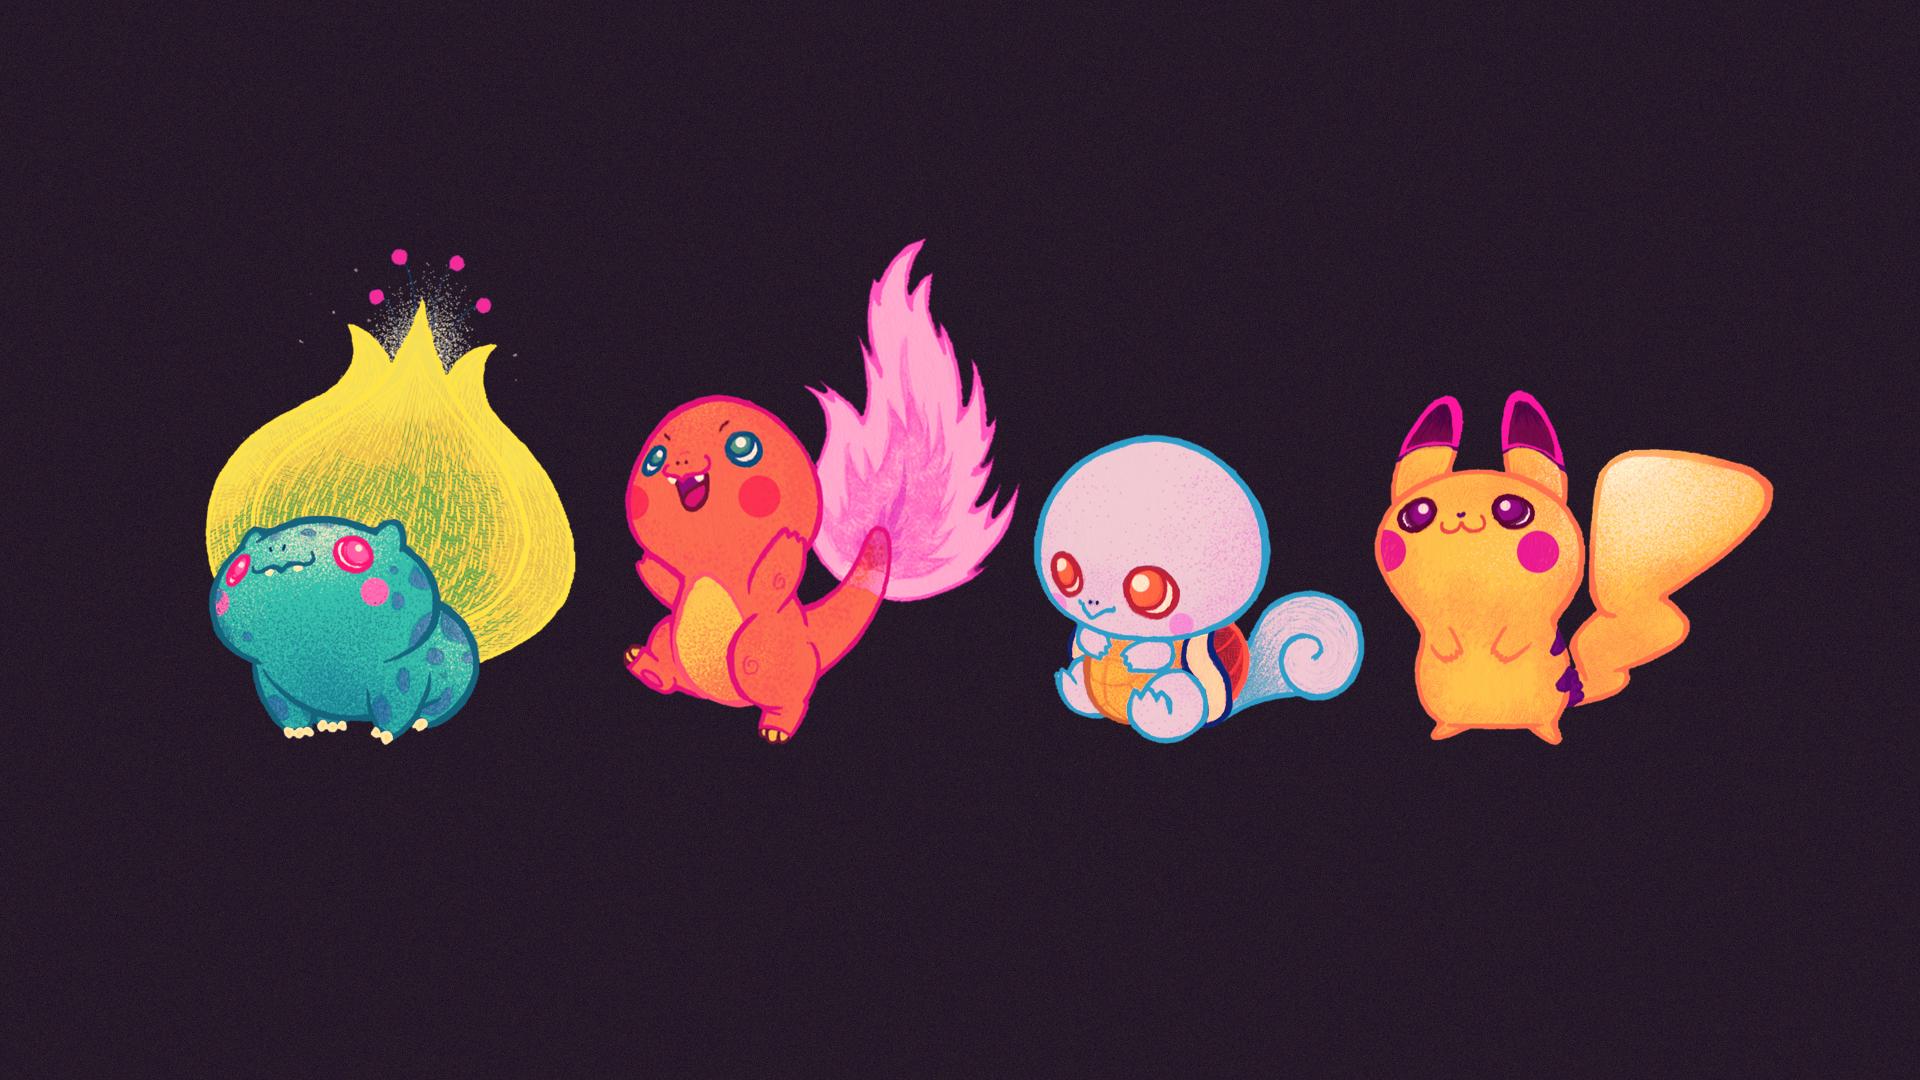 Pokemon Wallpaper Hd Atomix